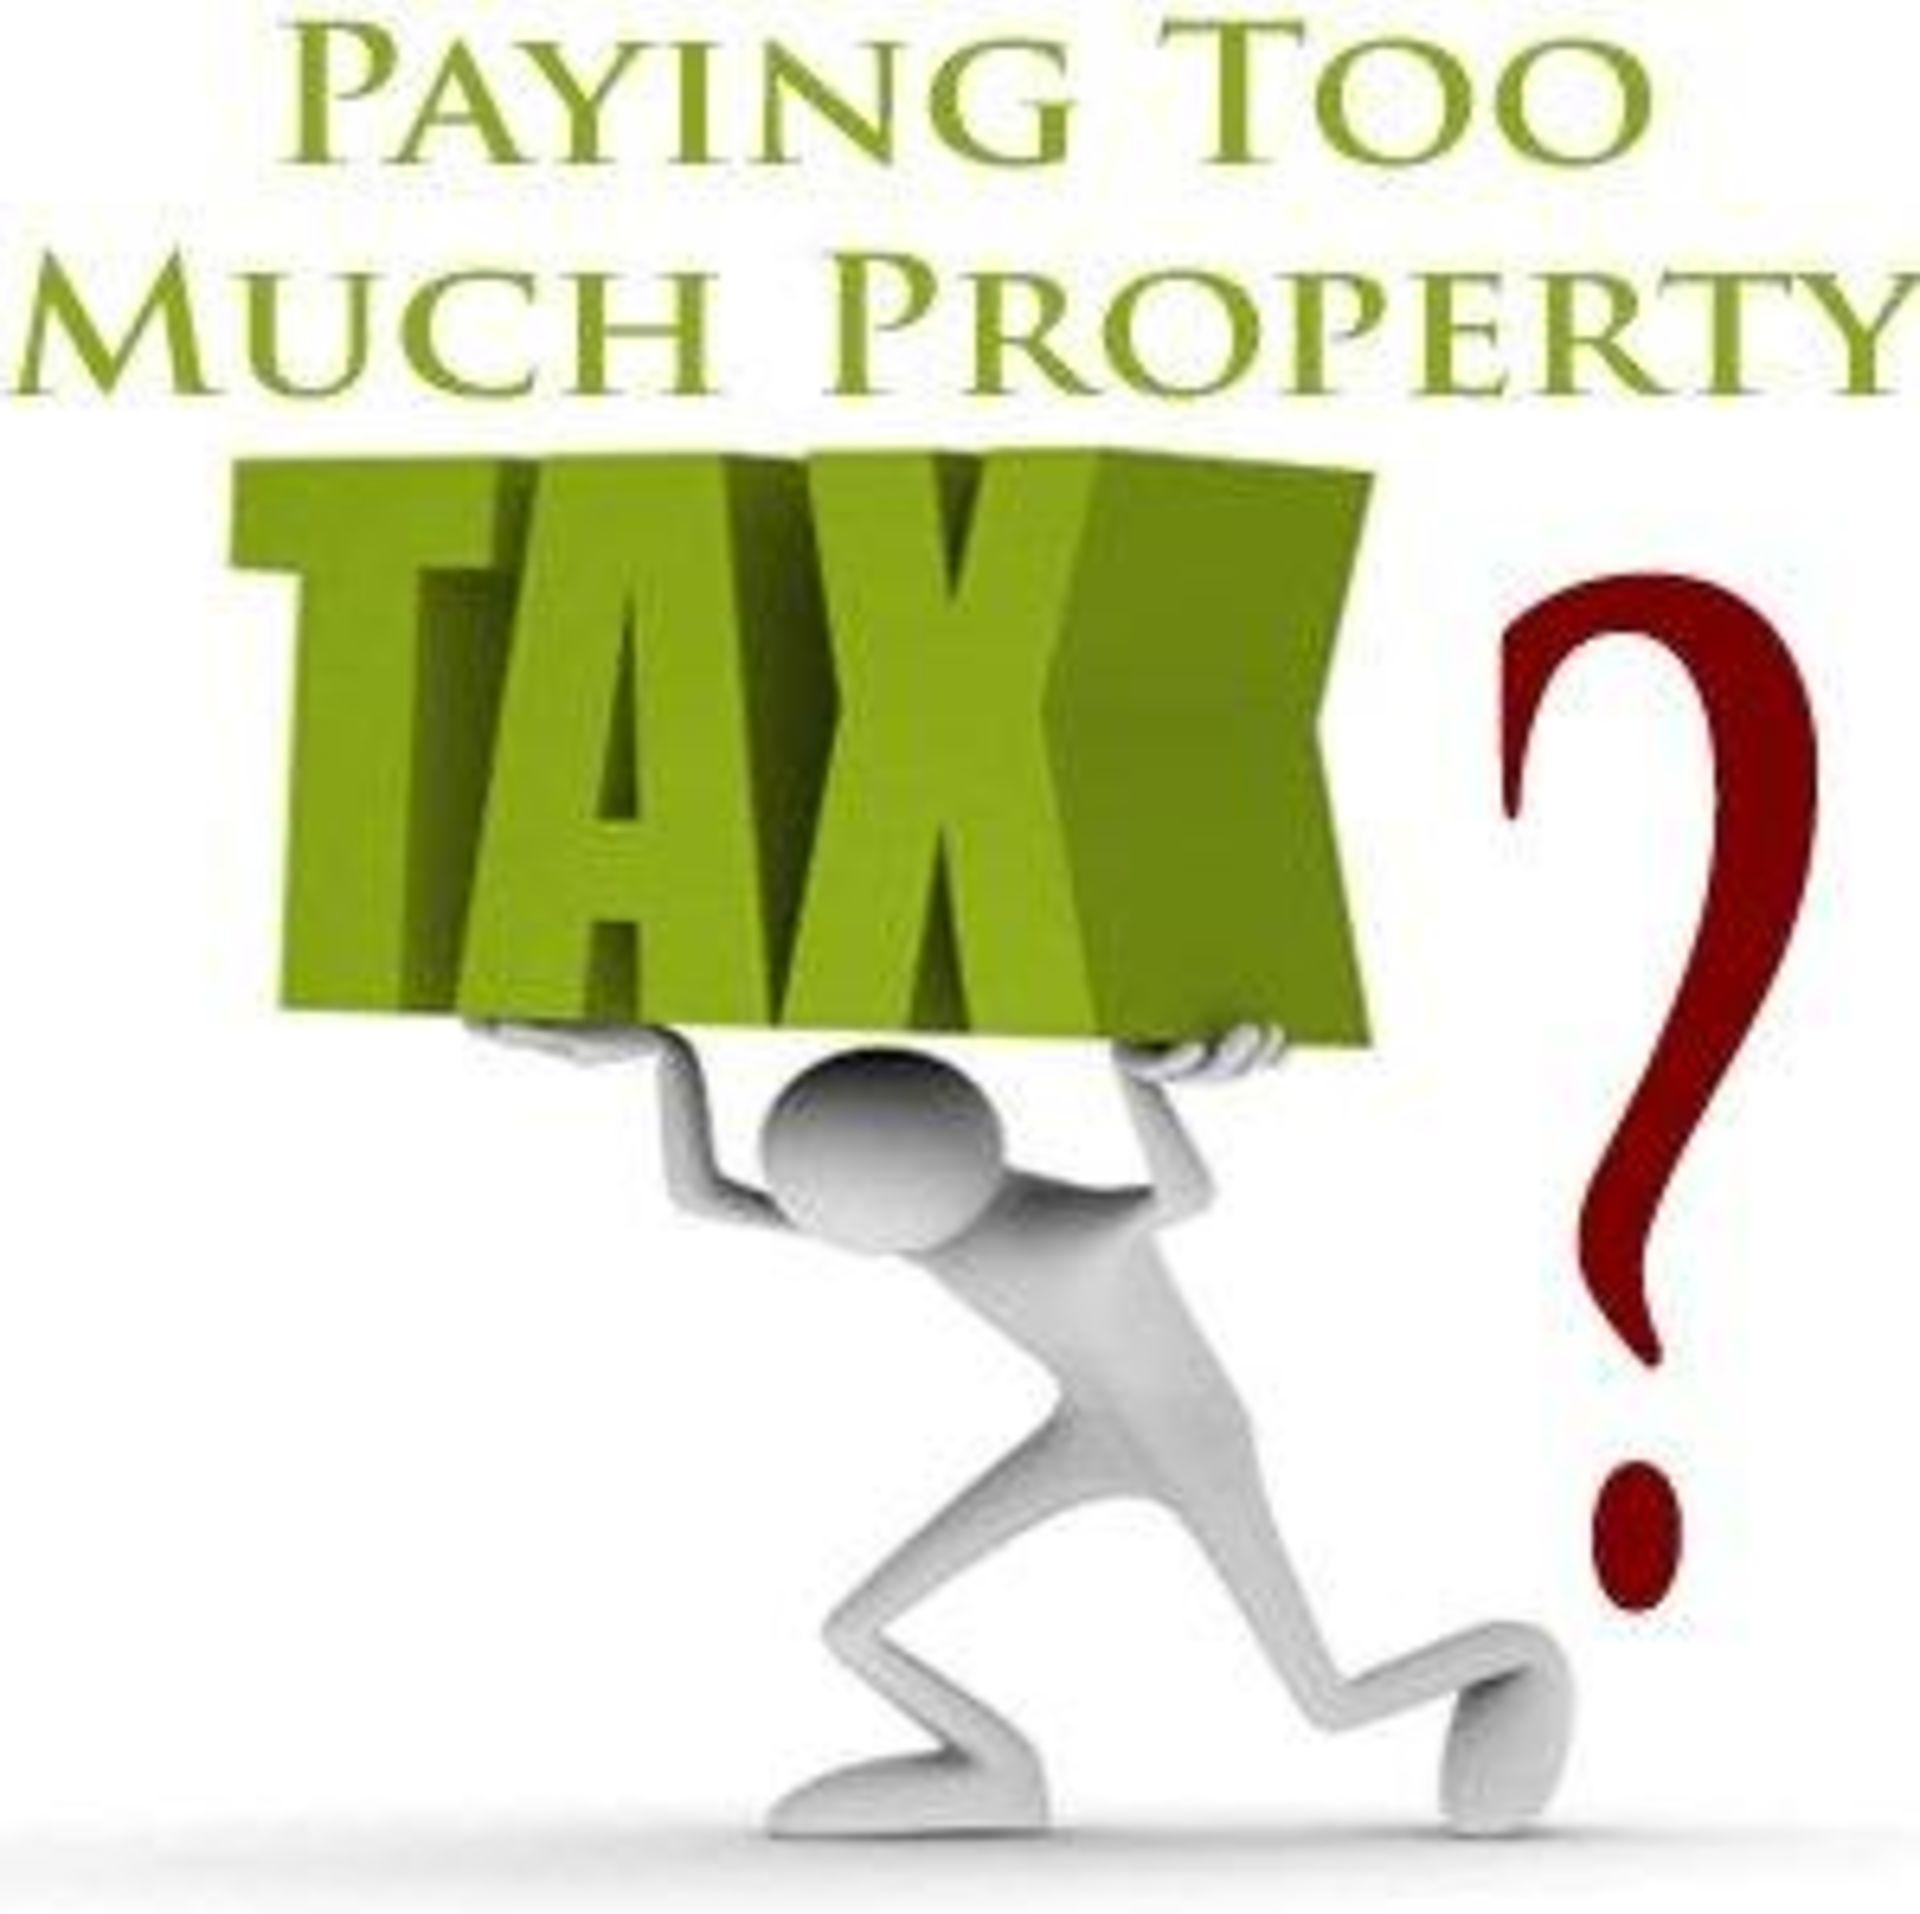 Texas Taxes – Your Homestead Exemption